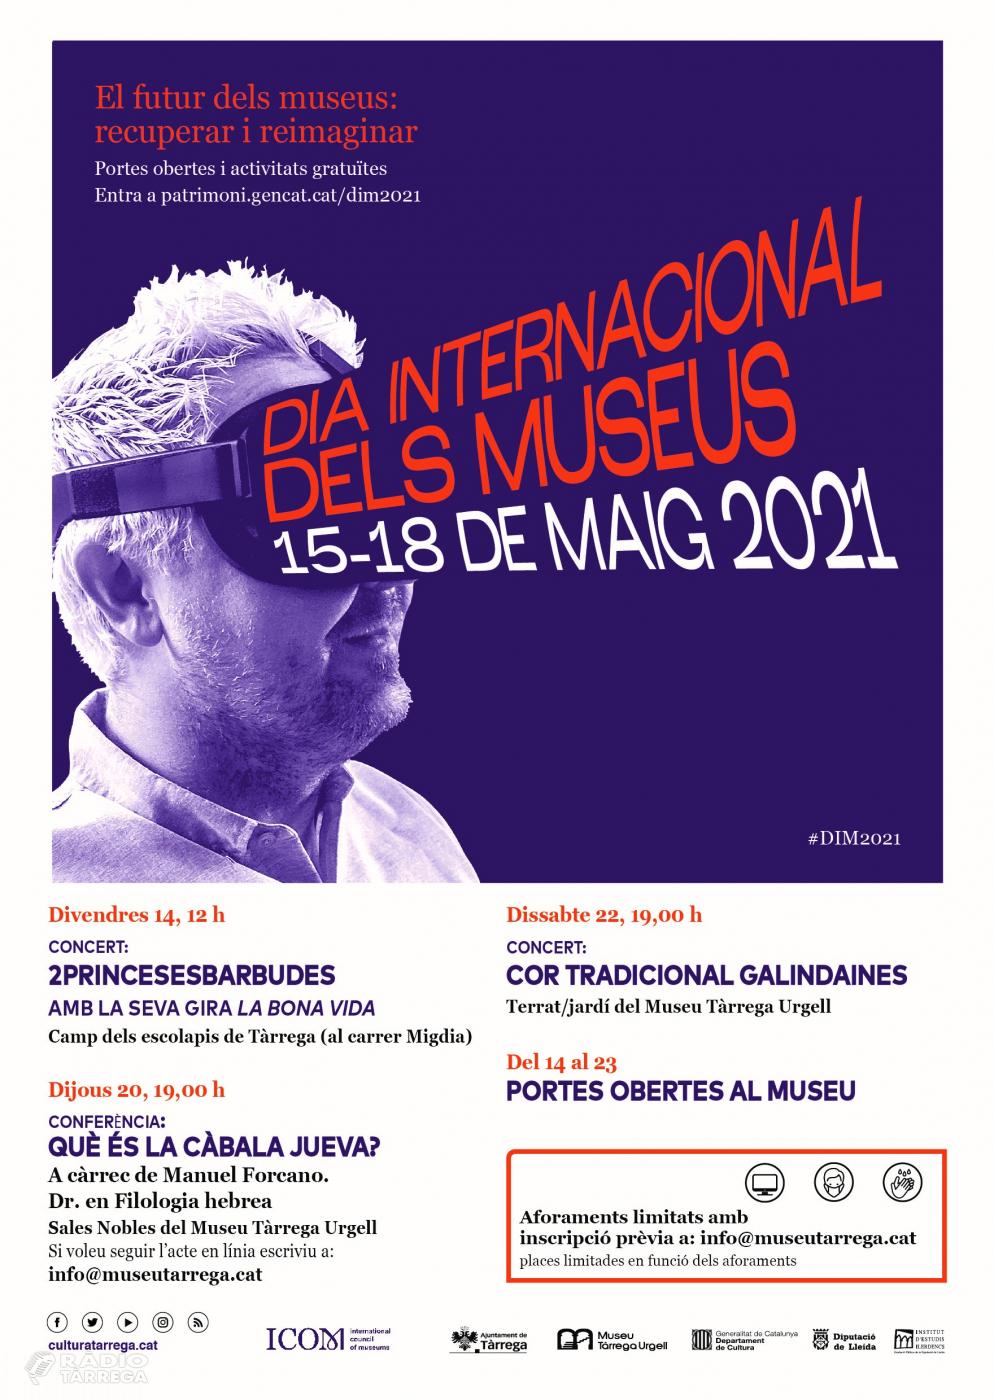 El museu de Tàrrega està celebrant el Dia Internacional dels Museus amb un seguit d'actes gratuïts